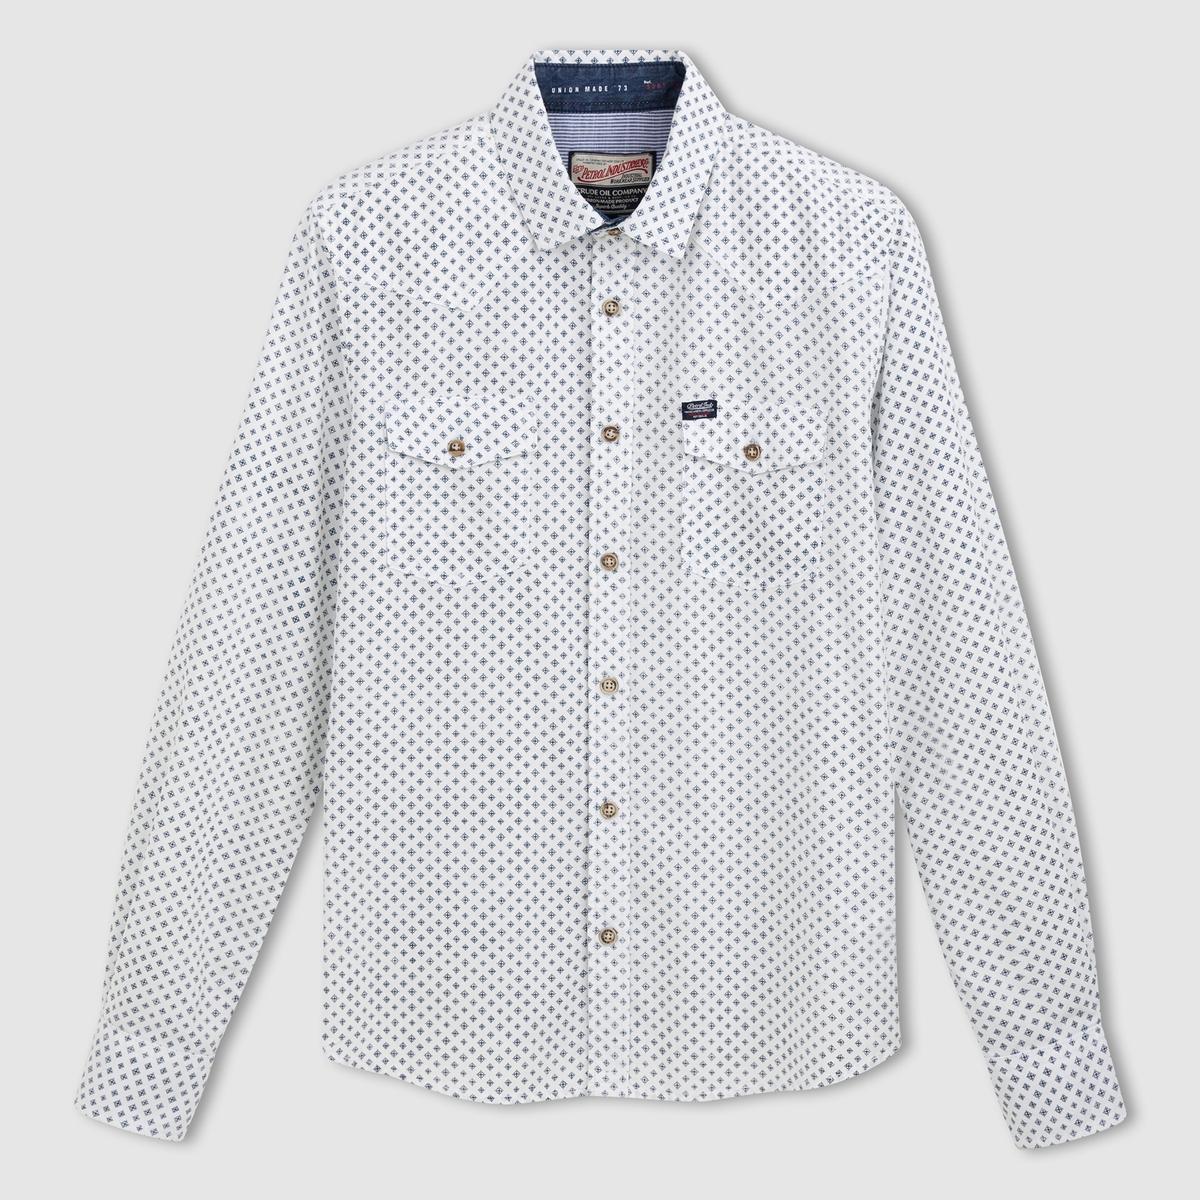 Рубашка SIL 454, 100% хлопка. Длинные рукаваРубашка SIL 454 с длинными рукавами PETROL INDUSTRIES®           Прямой покрой, классический воротник . 2 кармана спереди . Рубашка 100% хлопка с простым и элегантным рисунком  .<br><br>Цвет: экрю